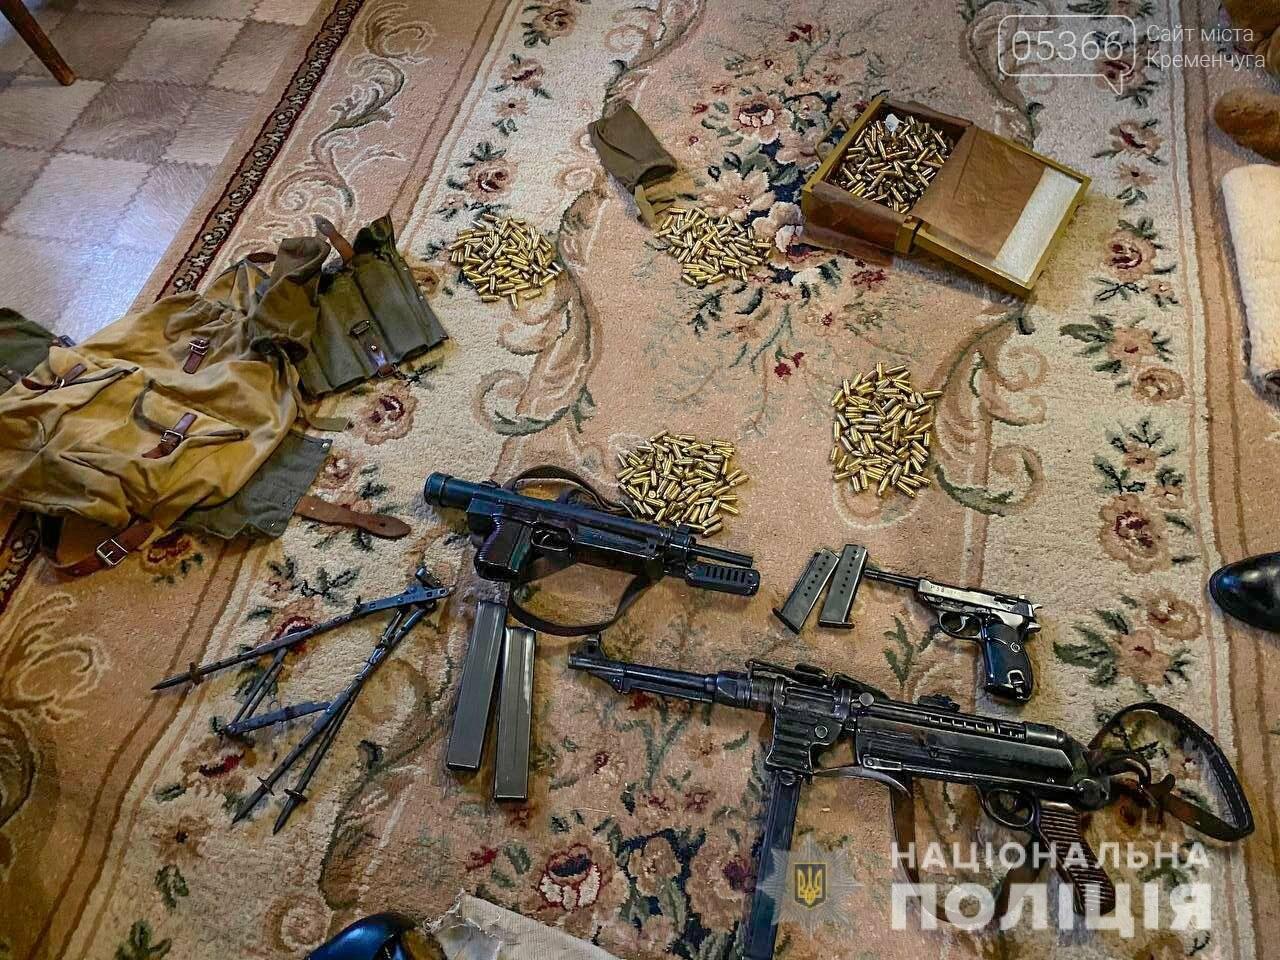 На Полтавщині чоловіки виготовляли зброю та набої, фото-1